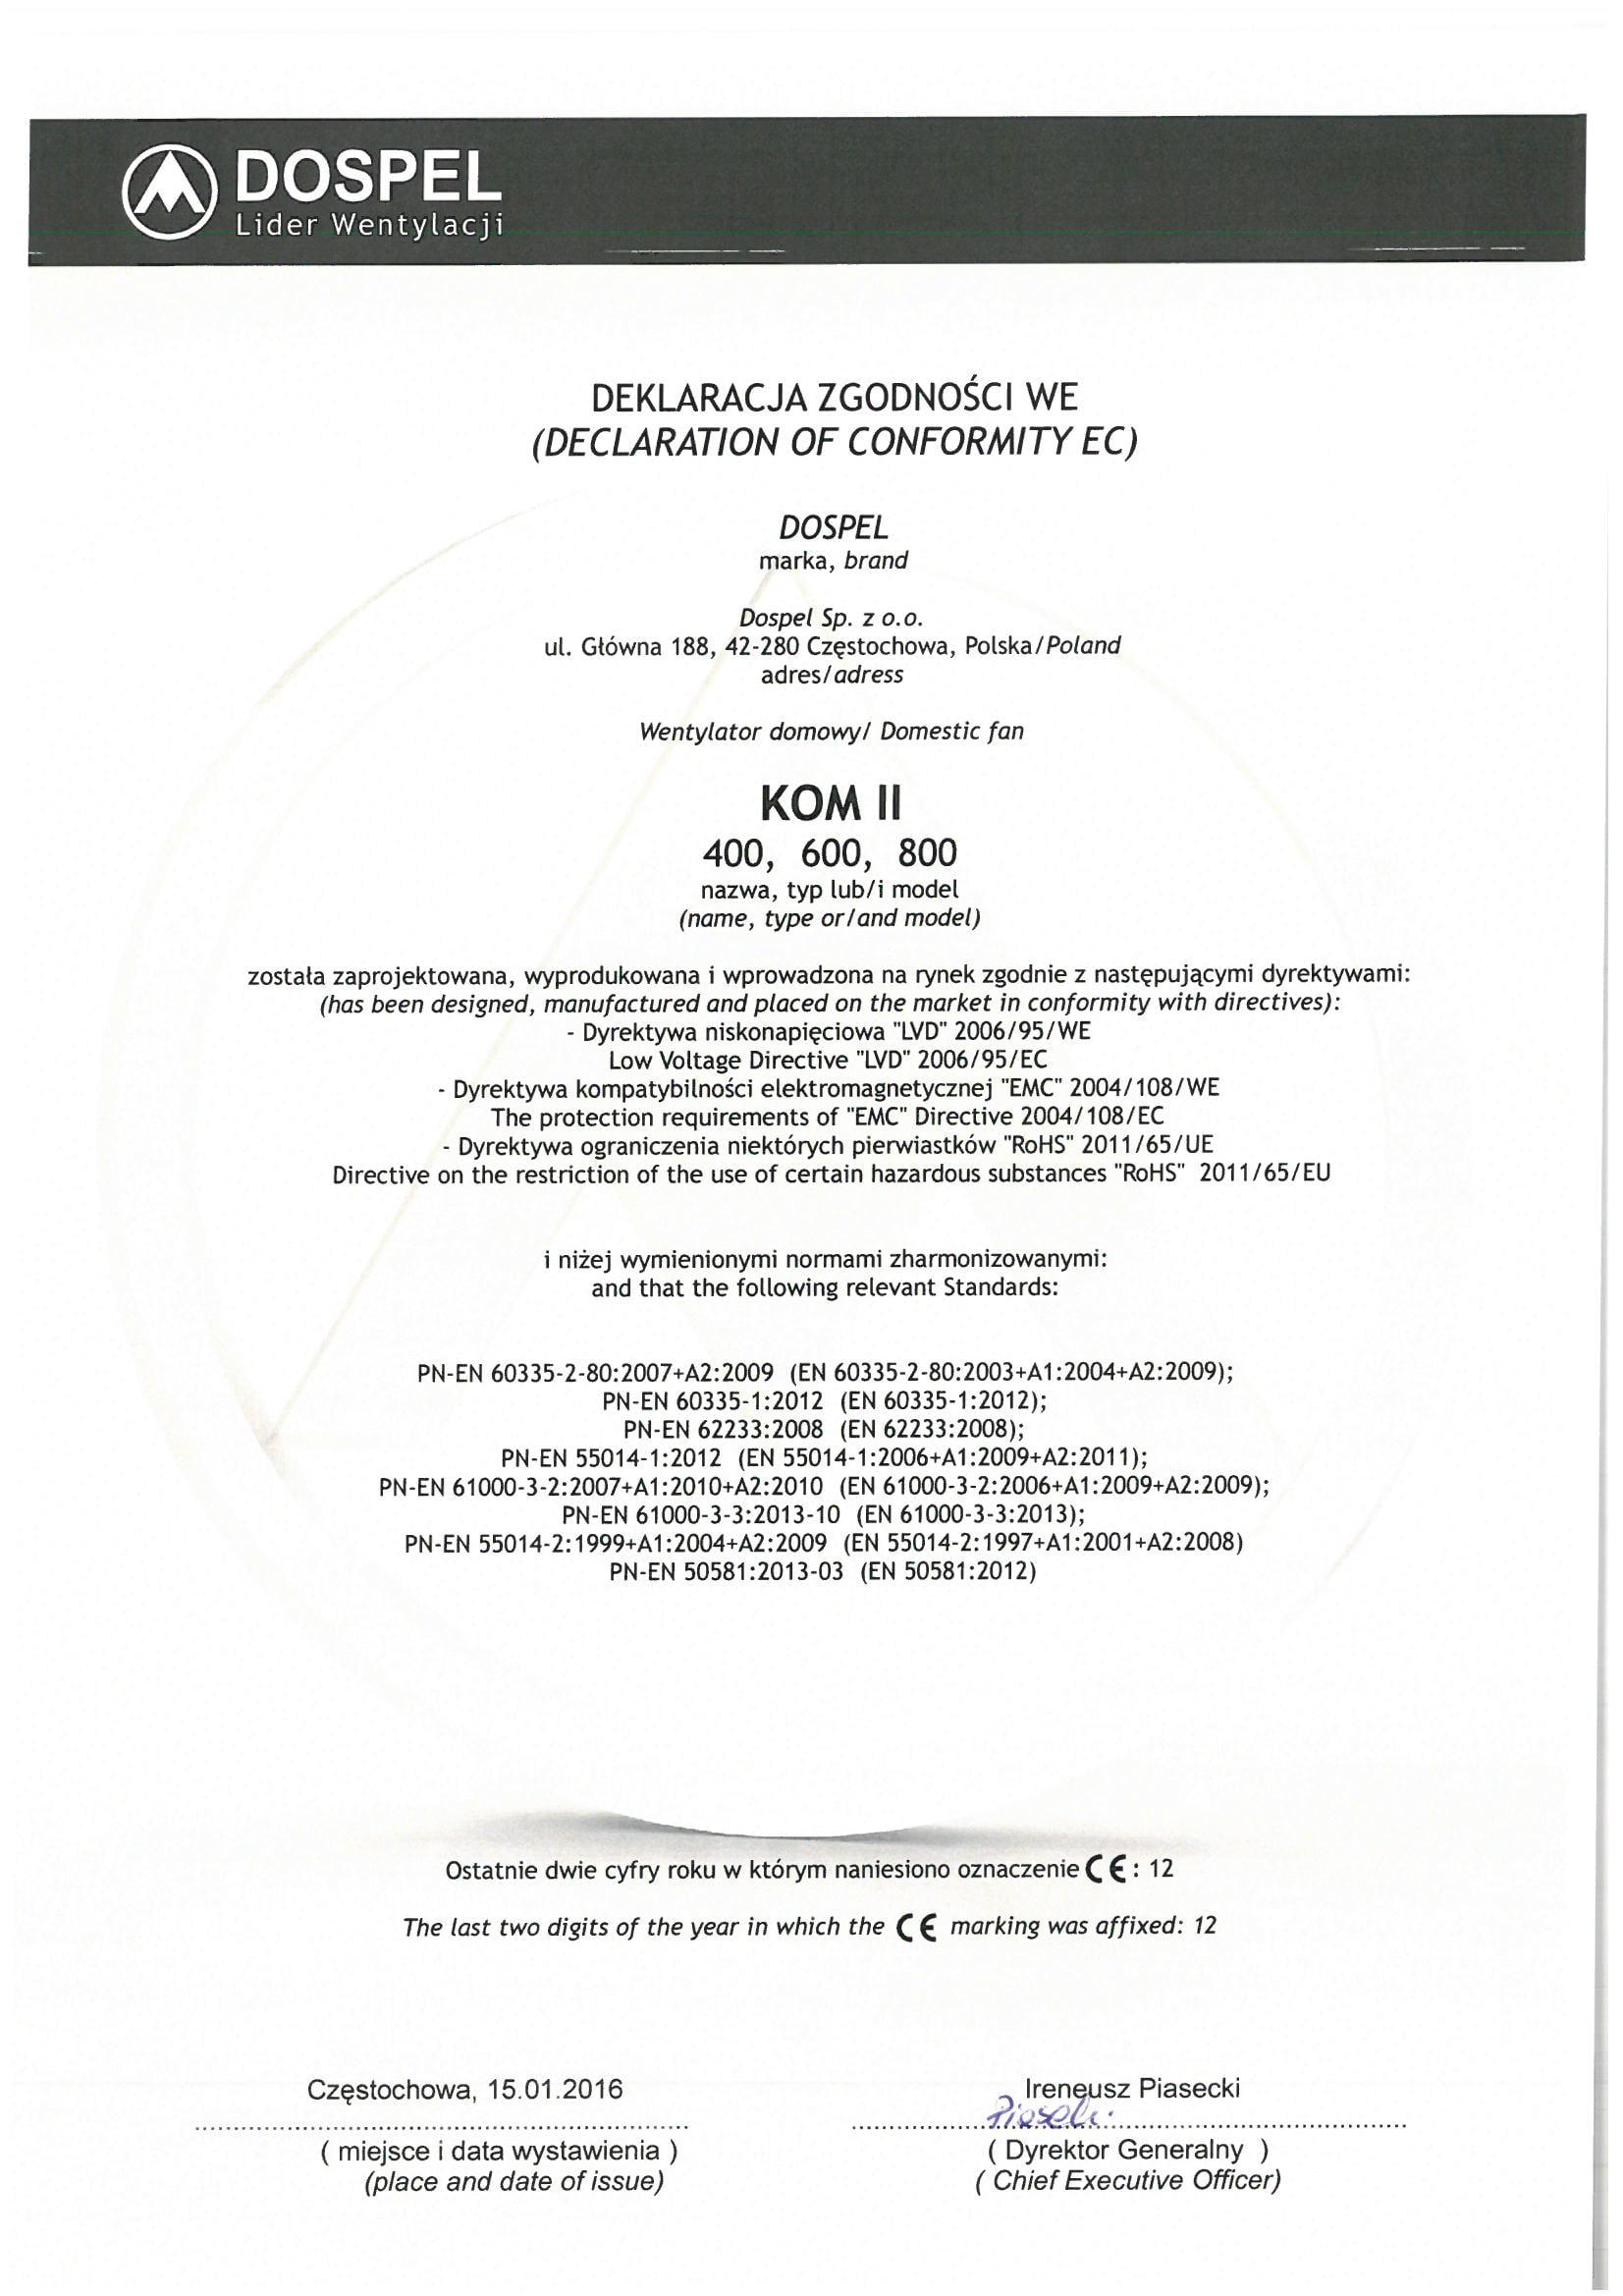 Wentylatory przemysłowe kominowe, KOM II, certyfikat, deklaracja zgodności, producent wentylatorów, Dospel